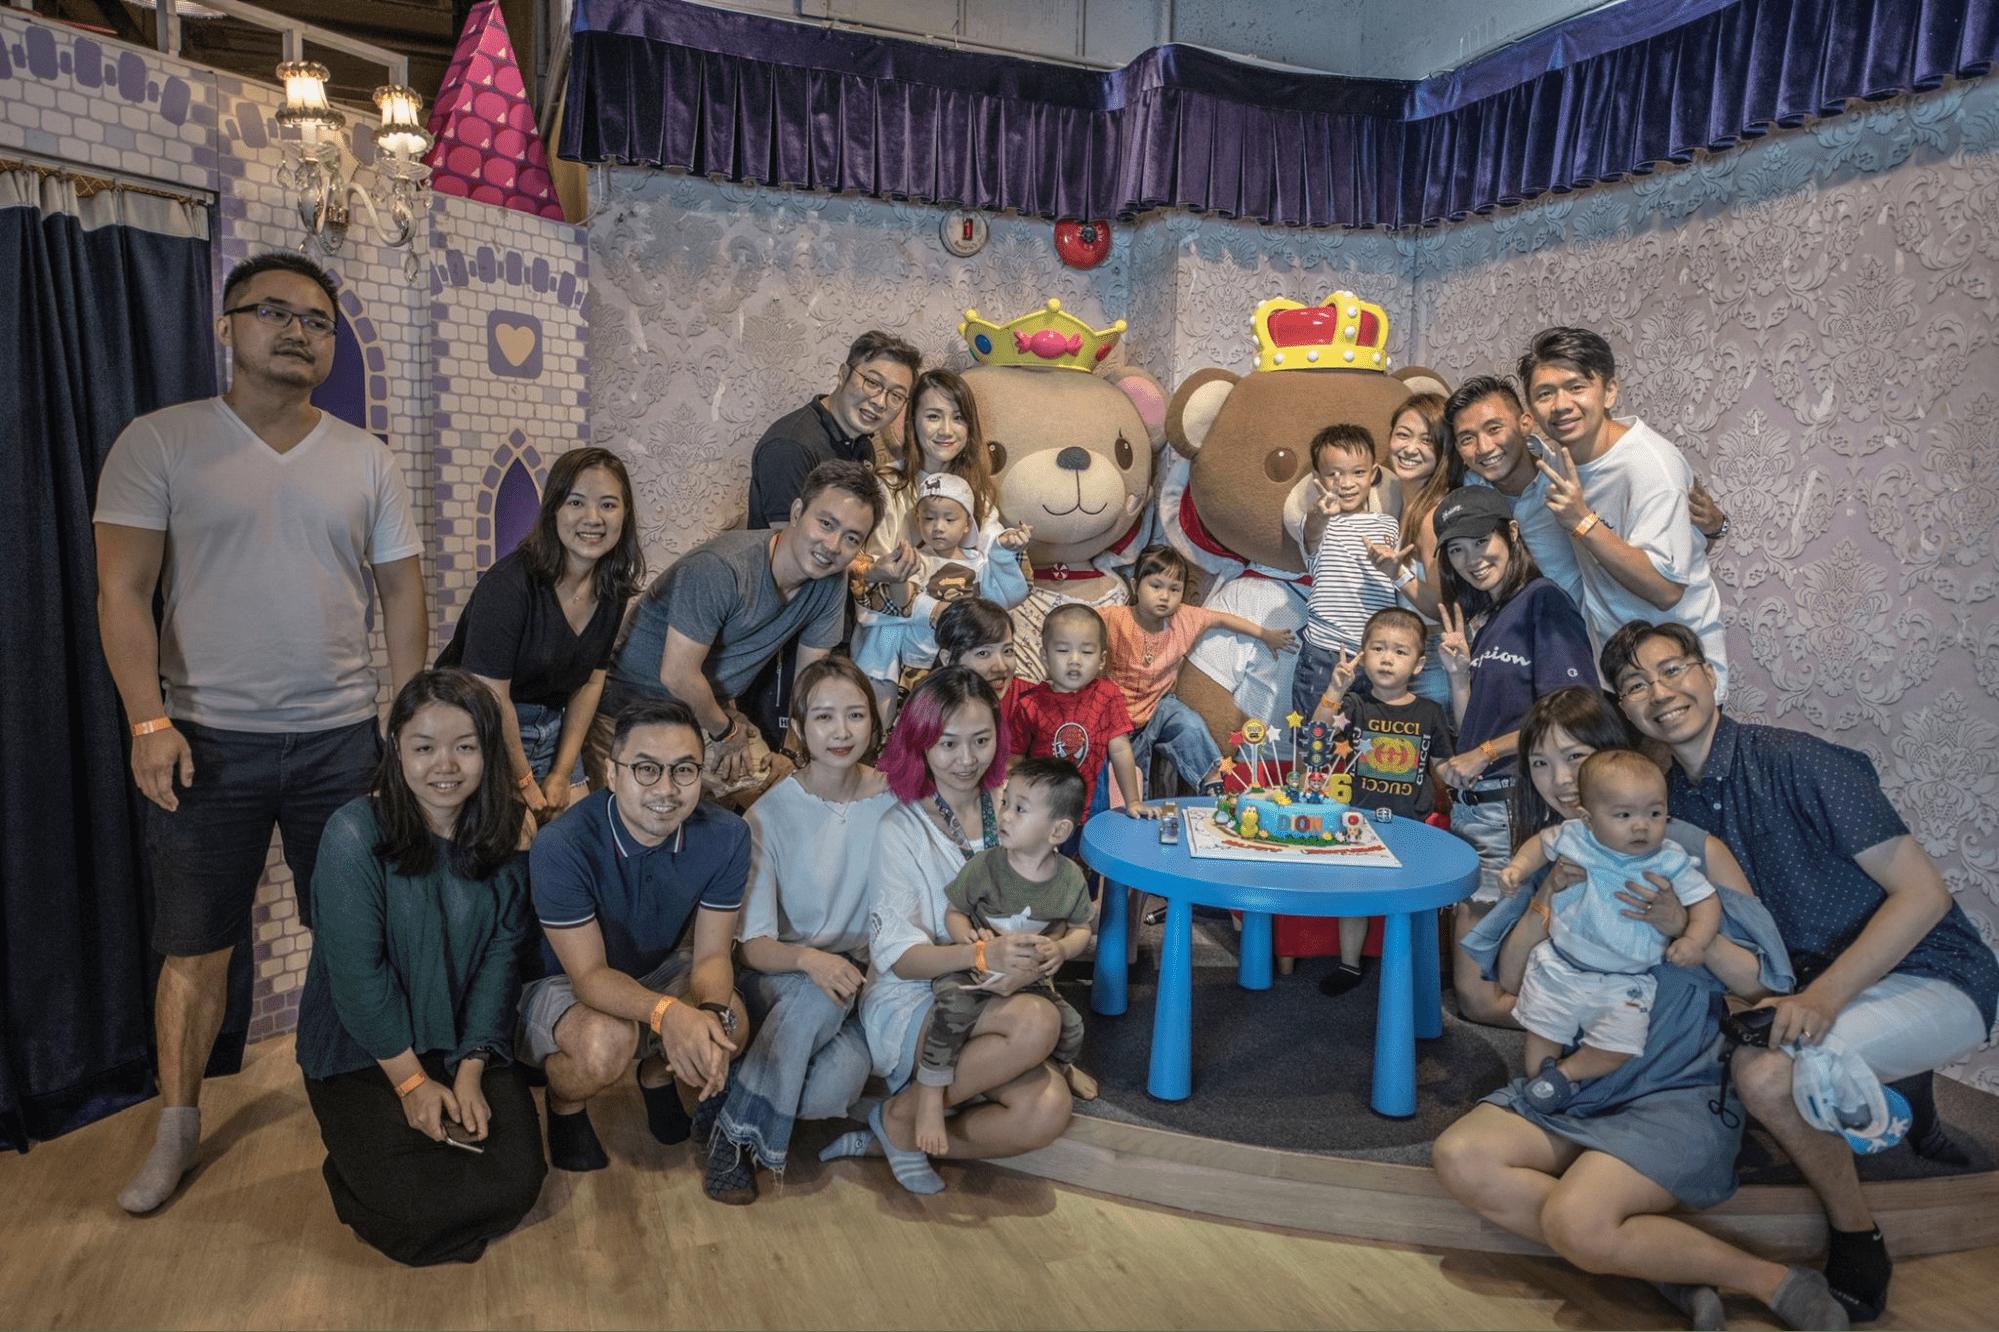 cmlink - birthday party